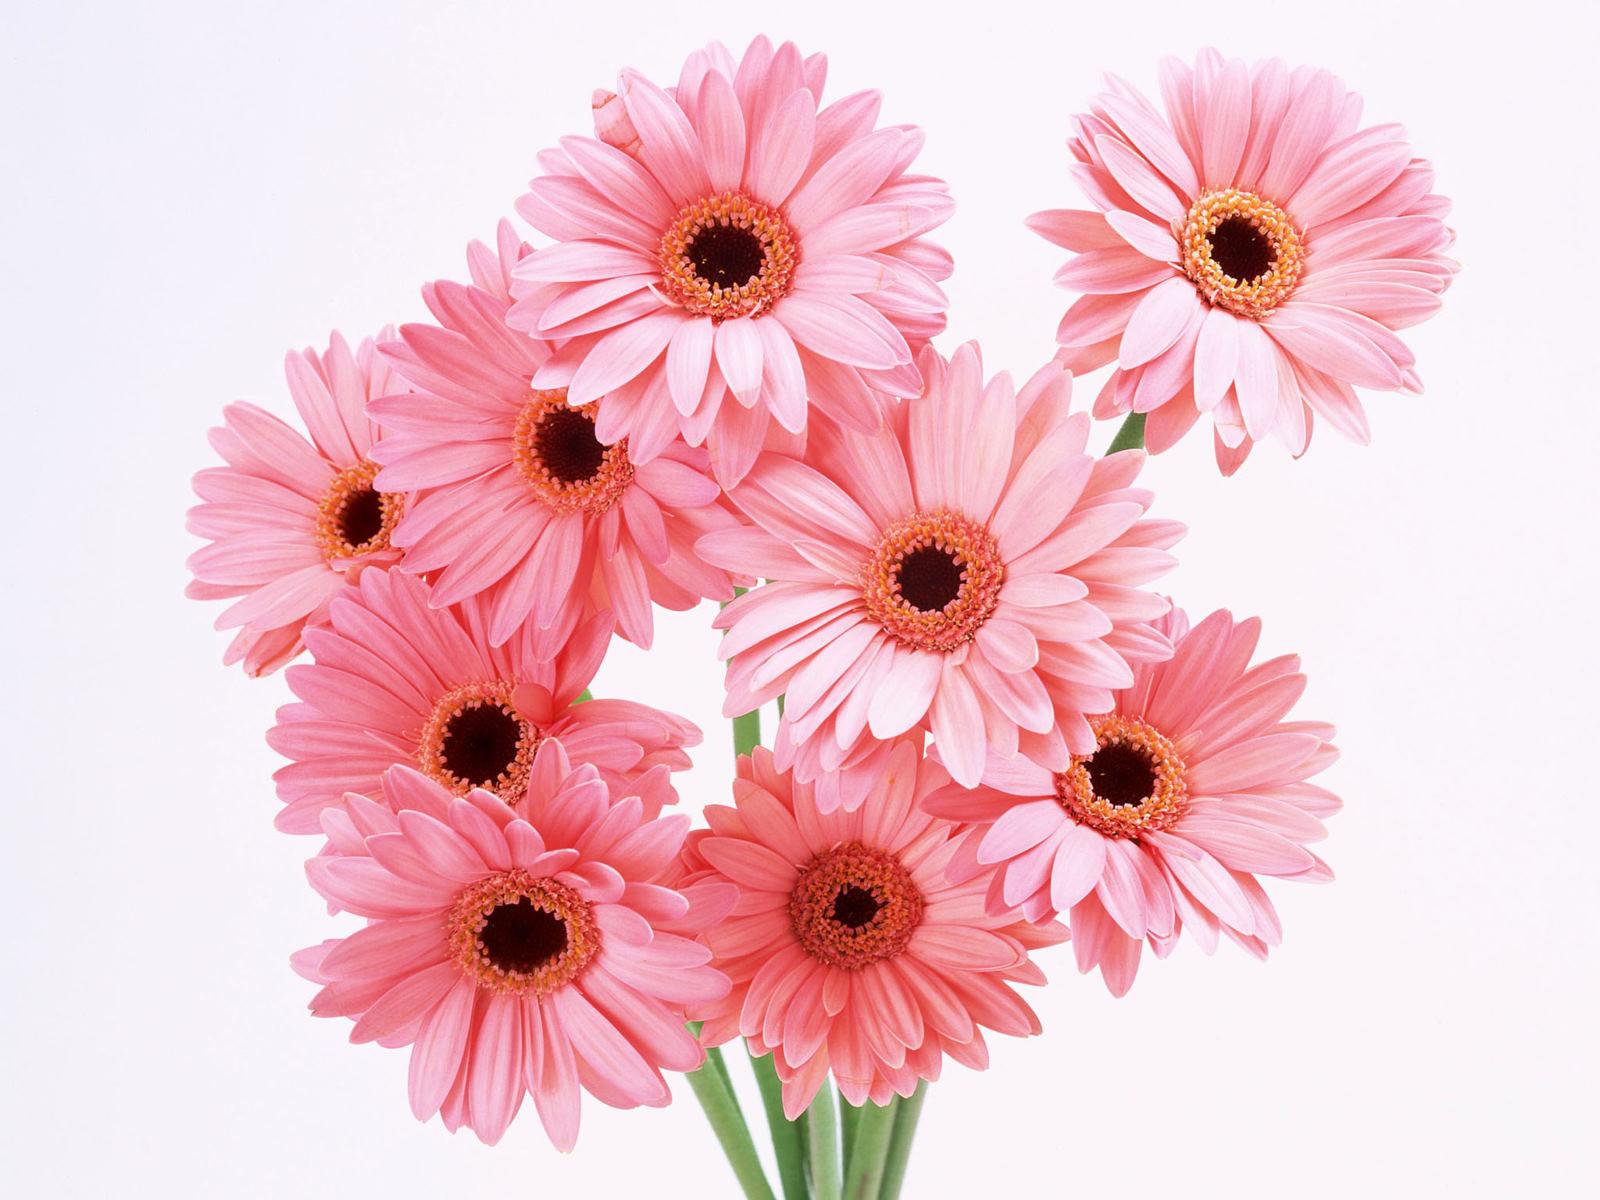 flowers for flower lovers Flowers wallpapers HD desktop Beautiful 1600x1200